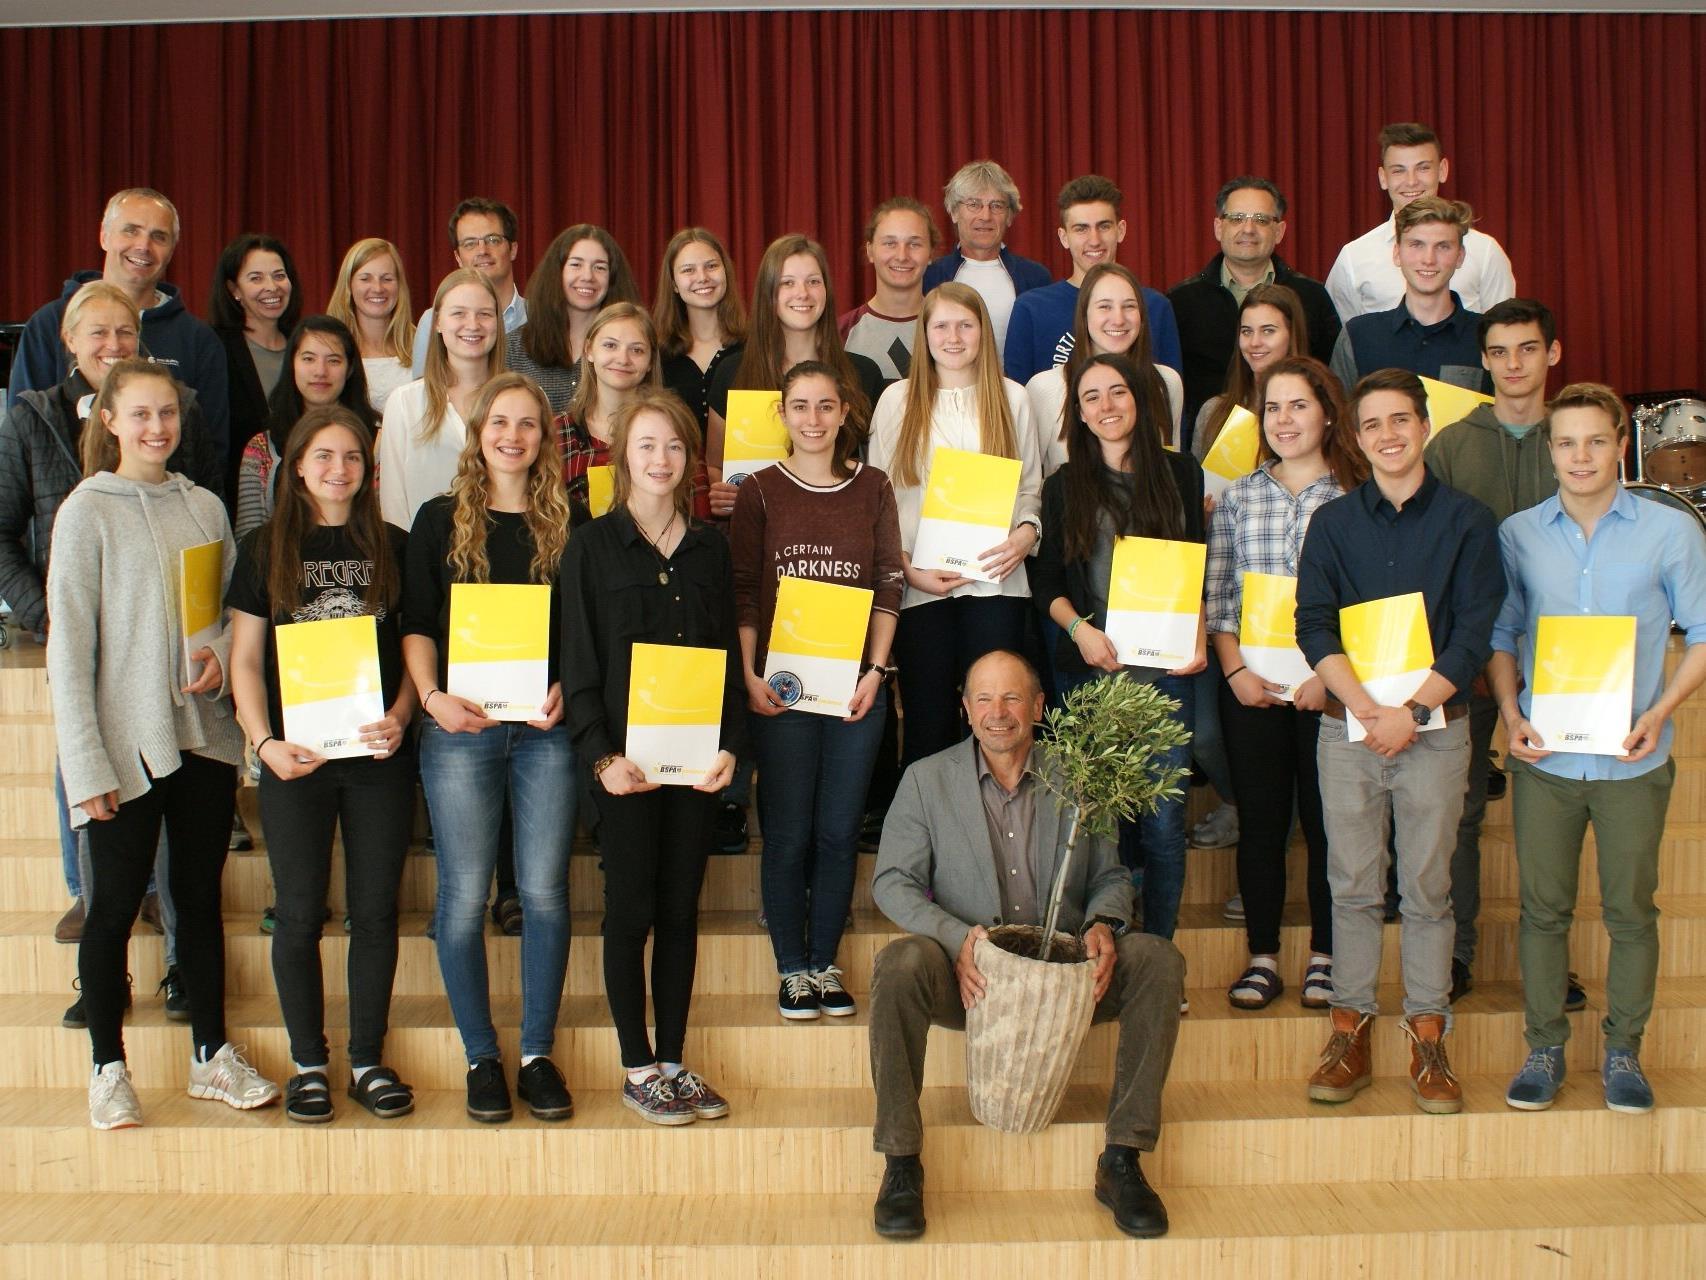 25 neue FIT-InstruktorInnen der 7. Klasse Gesundheit & Bewegung des Bludenzer Gymnasiums durften ihre staatlich anerkannten Diplome entgegennehmen.